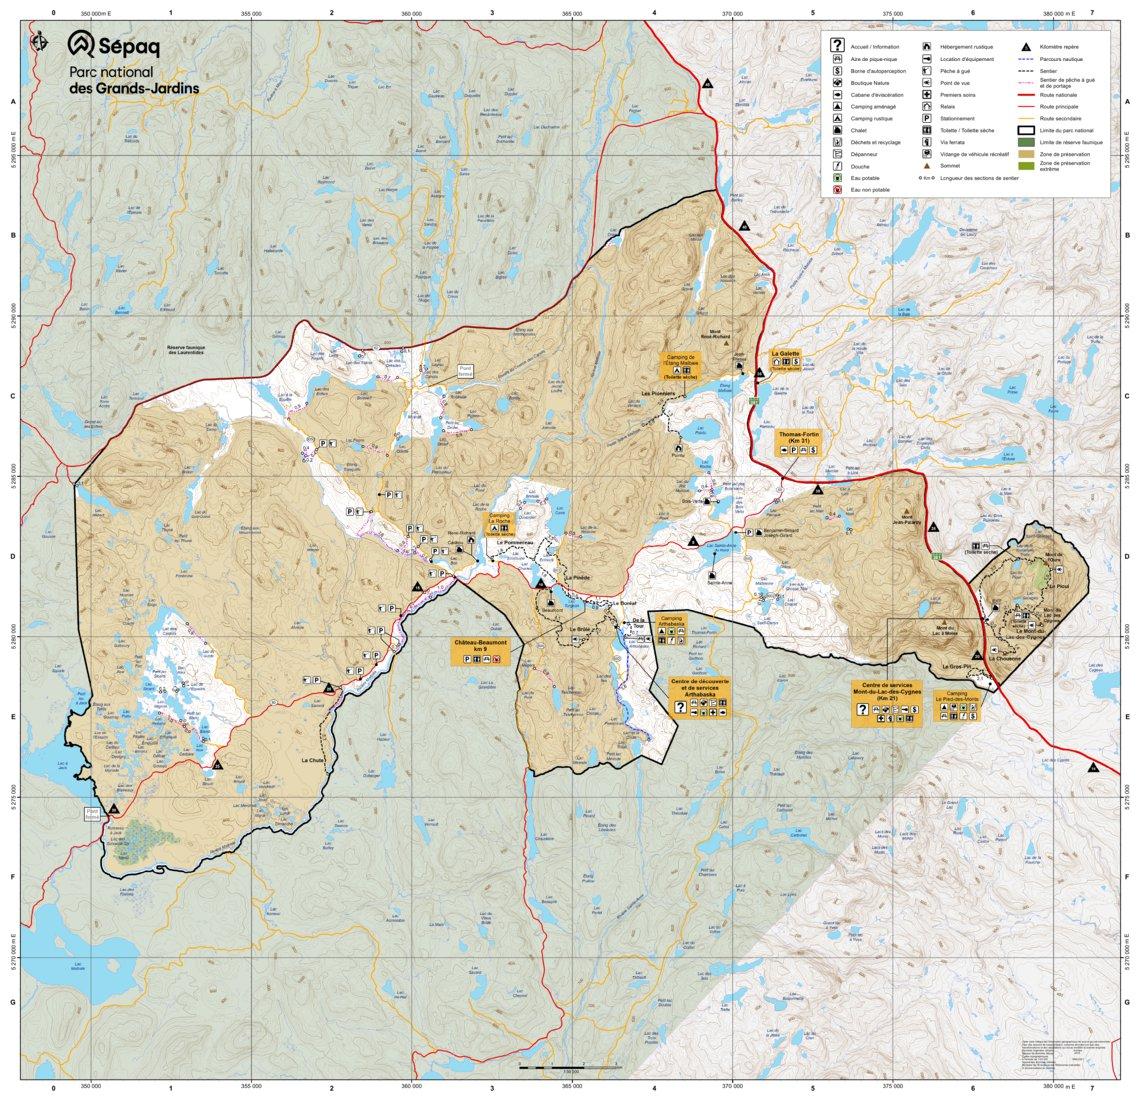 Parc national des Grands-Jardins - Sépaq - Avenza Maps